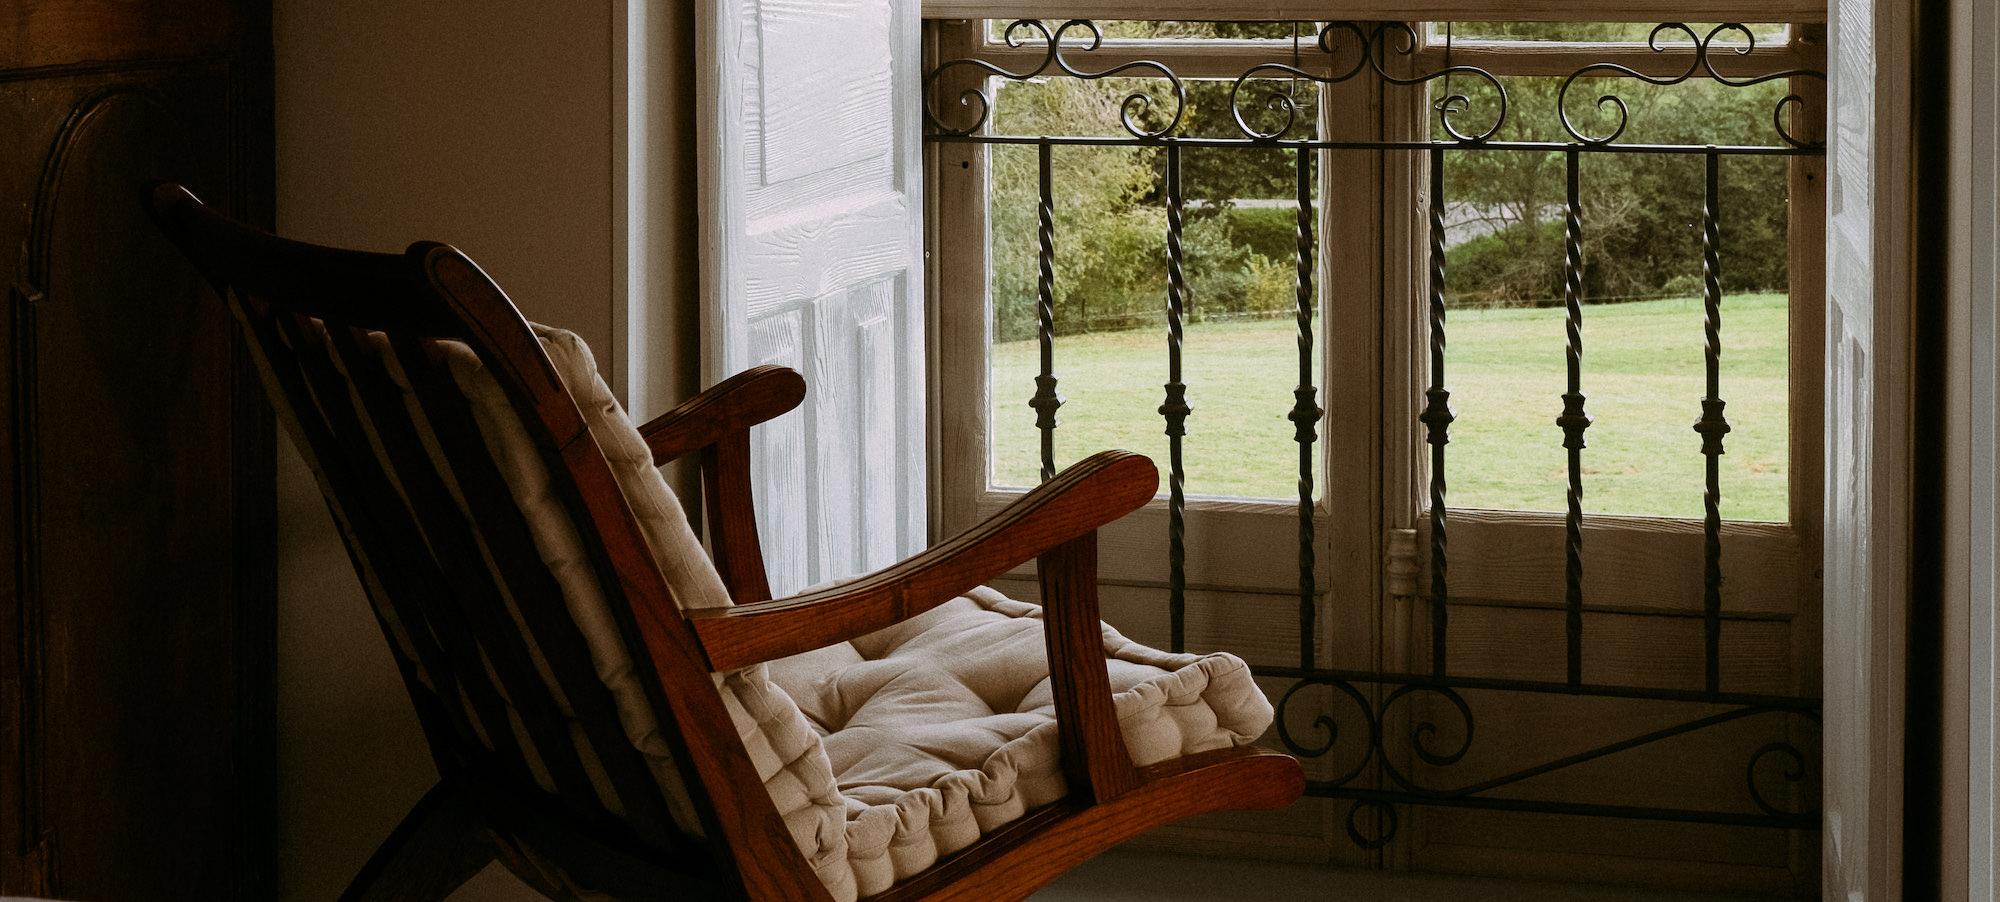 el gran sueño bedroom galería